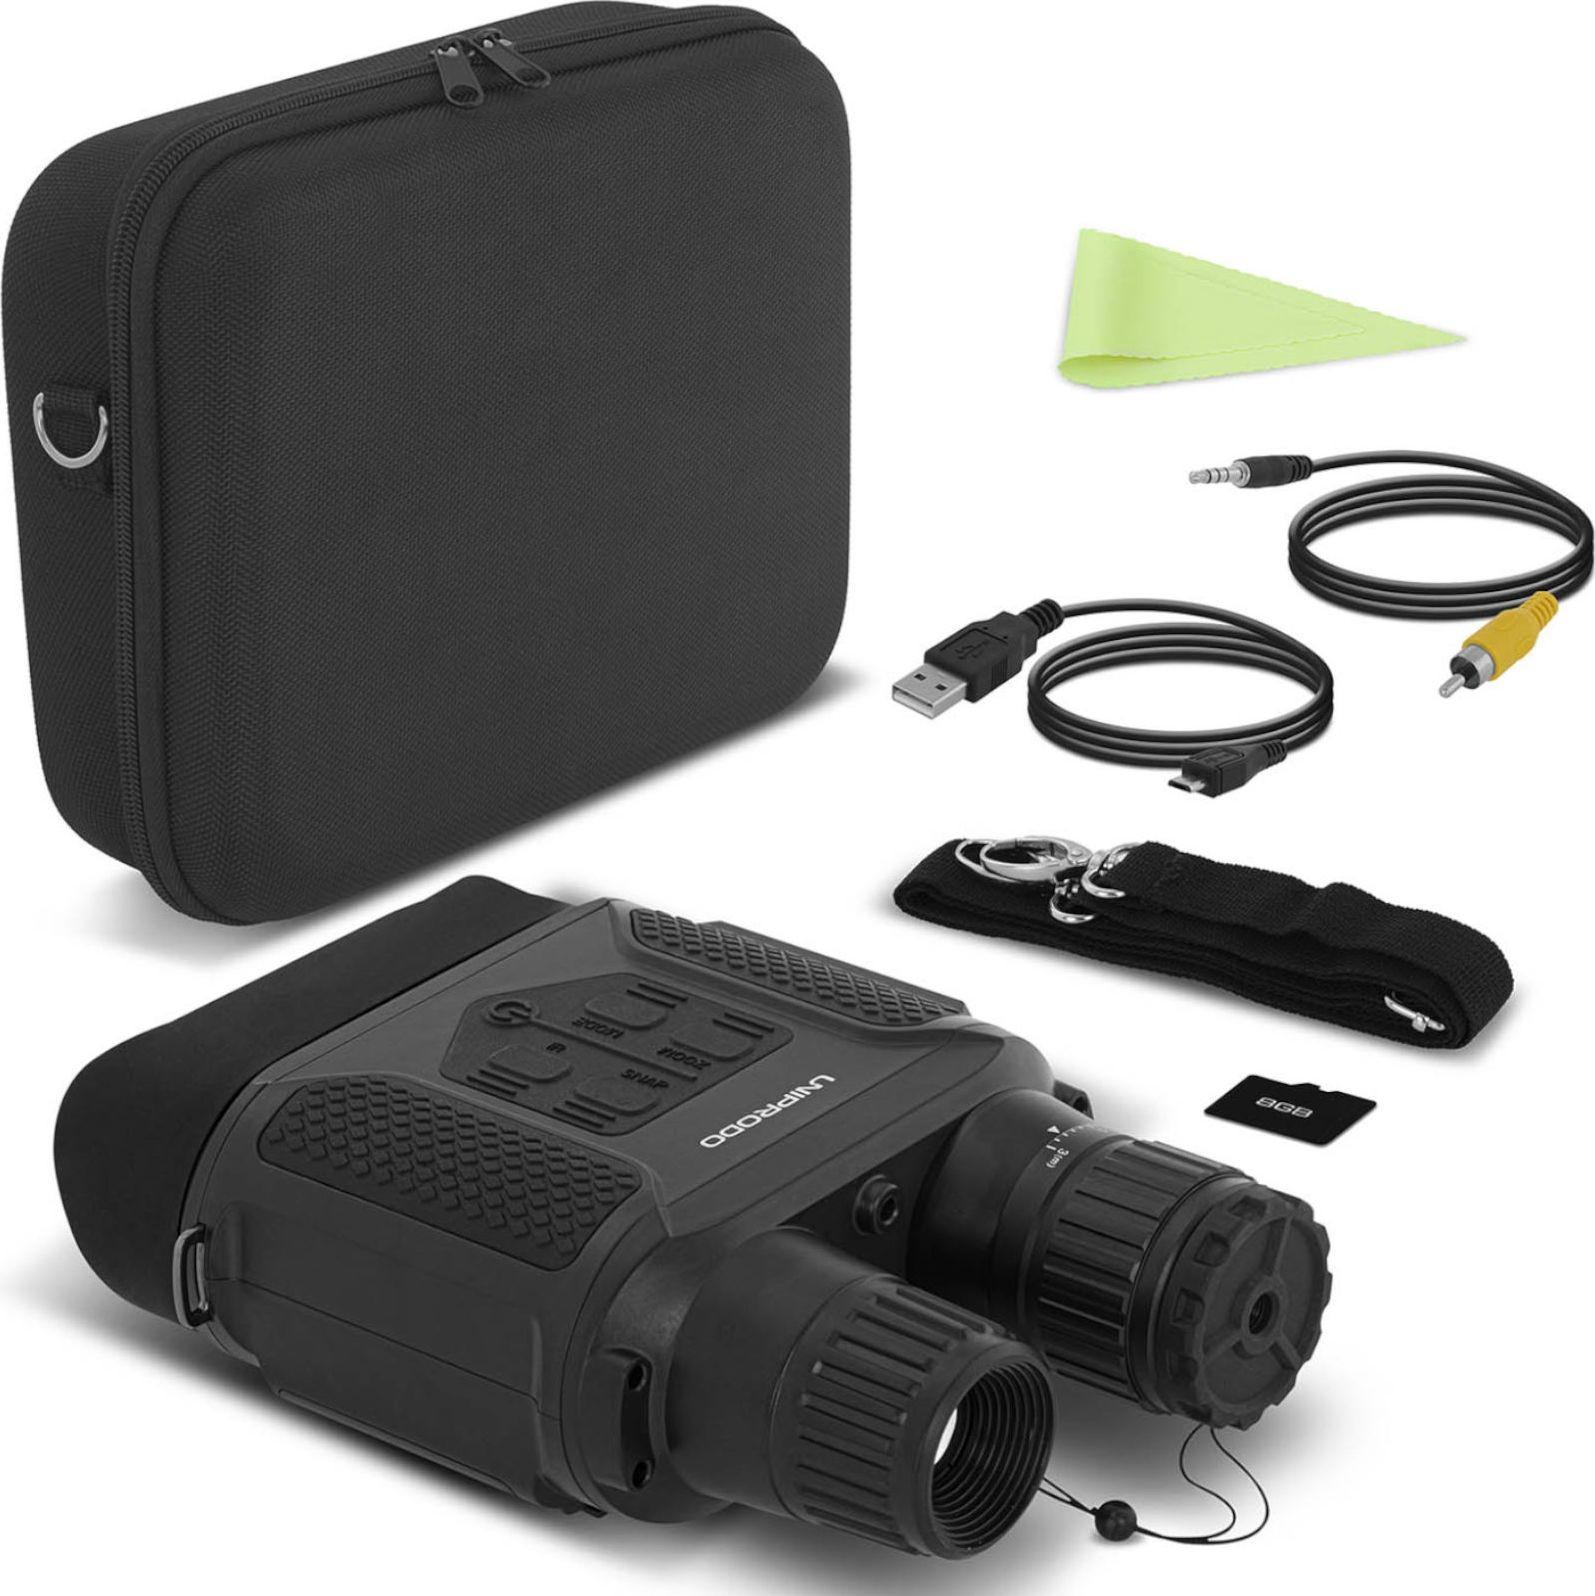 Uniprodo Noktowizor  Noktowizor Do 400M Z Kamerą Cyfrową 7X Lcd Microsd Darmowa dostawa 1010820